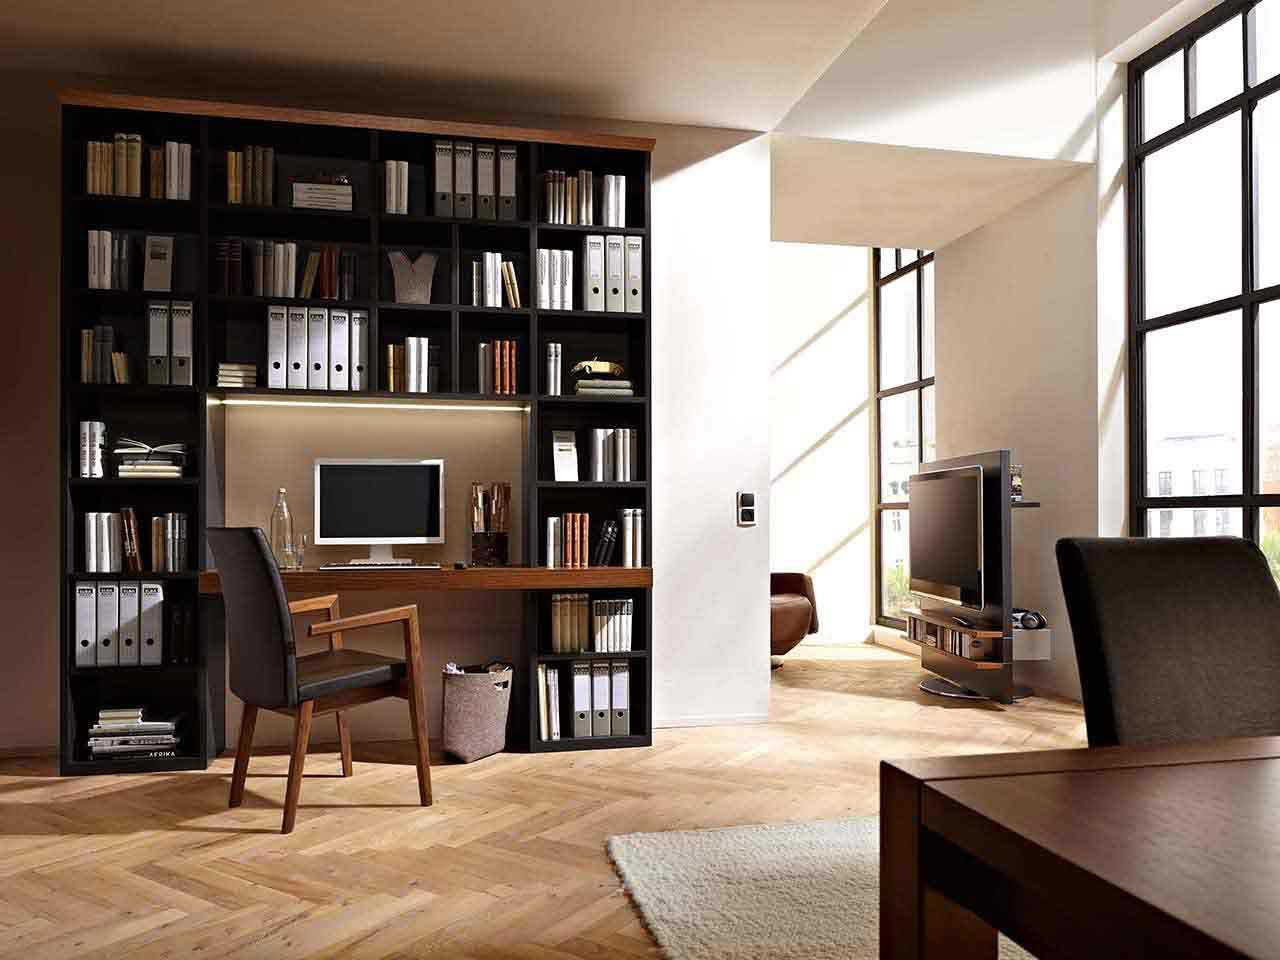 siena m bel wohnzimmer rmw wohnm. Black Bedroom Furniture Sets. Home Design Ideas